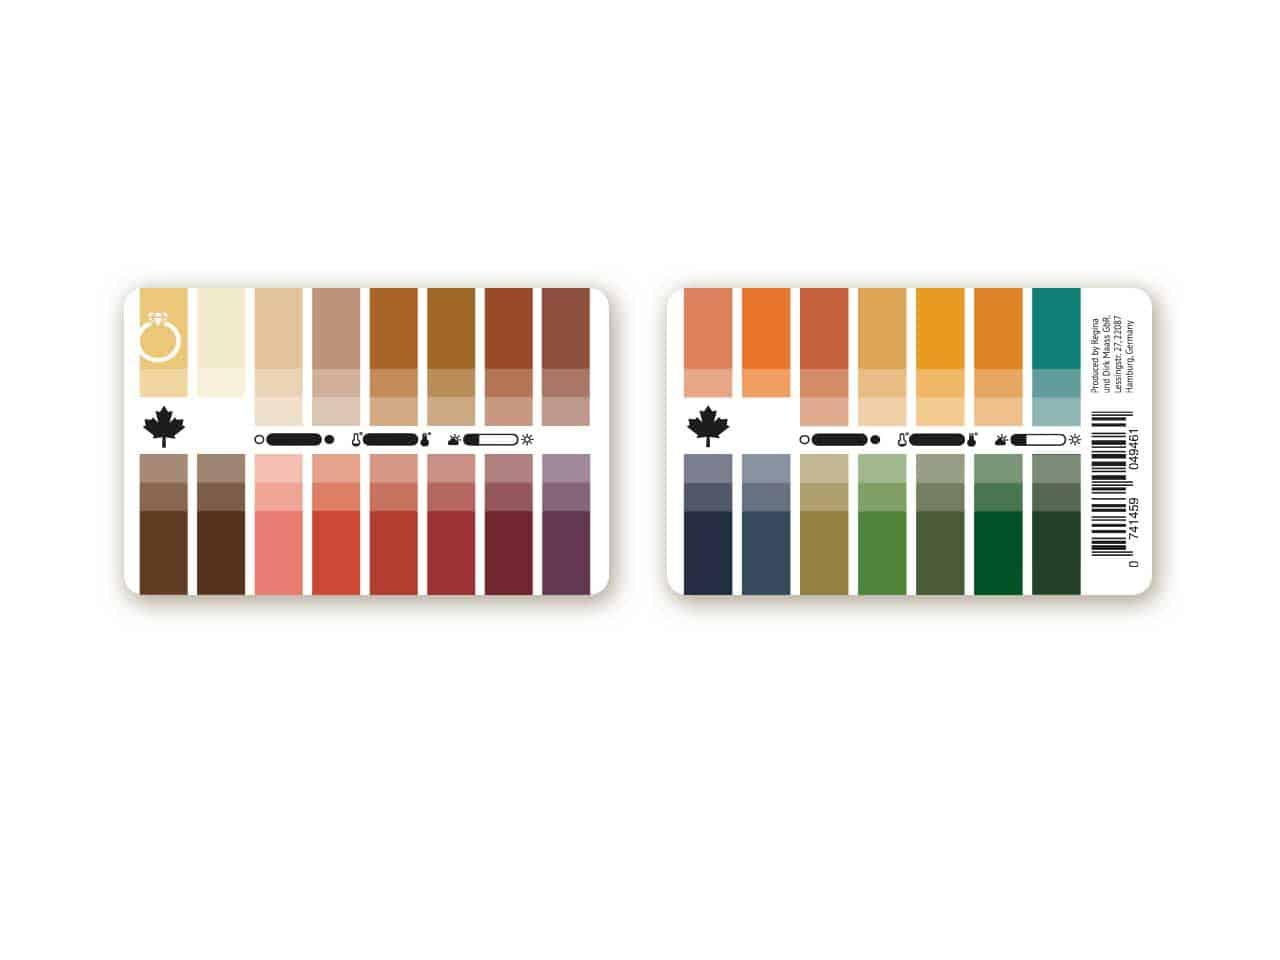 Farbtyp Herbst Farbpass als Plastikkarte